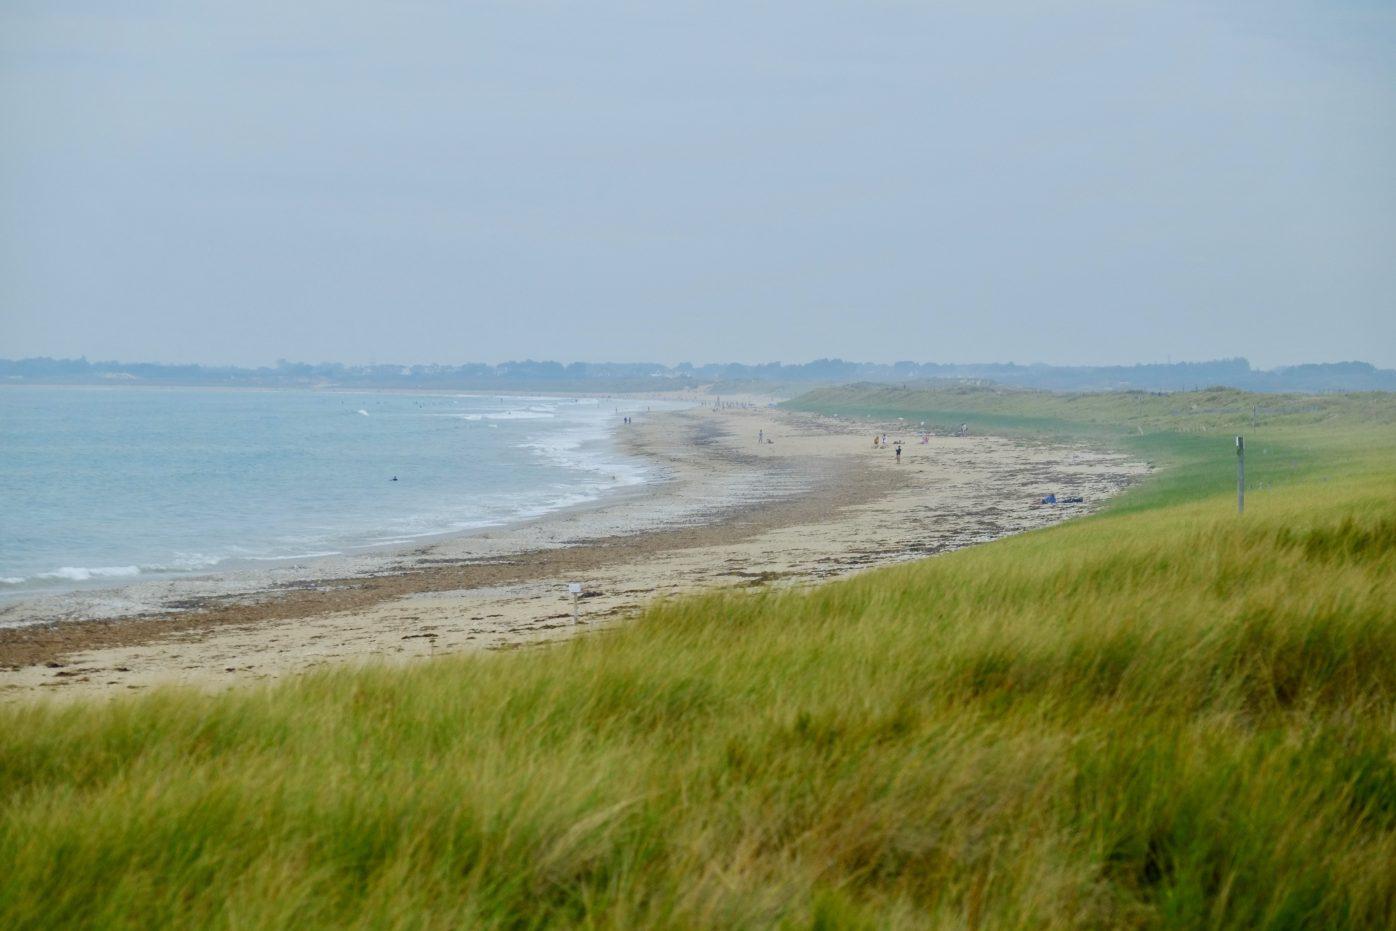 Une plage magnifique bordée par les dunes